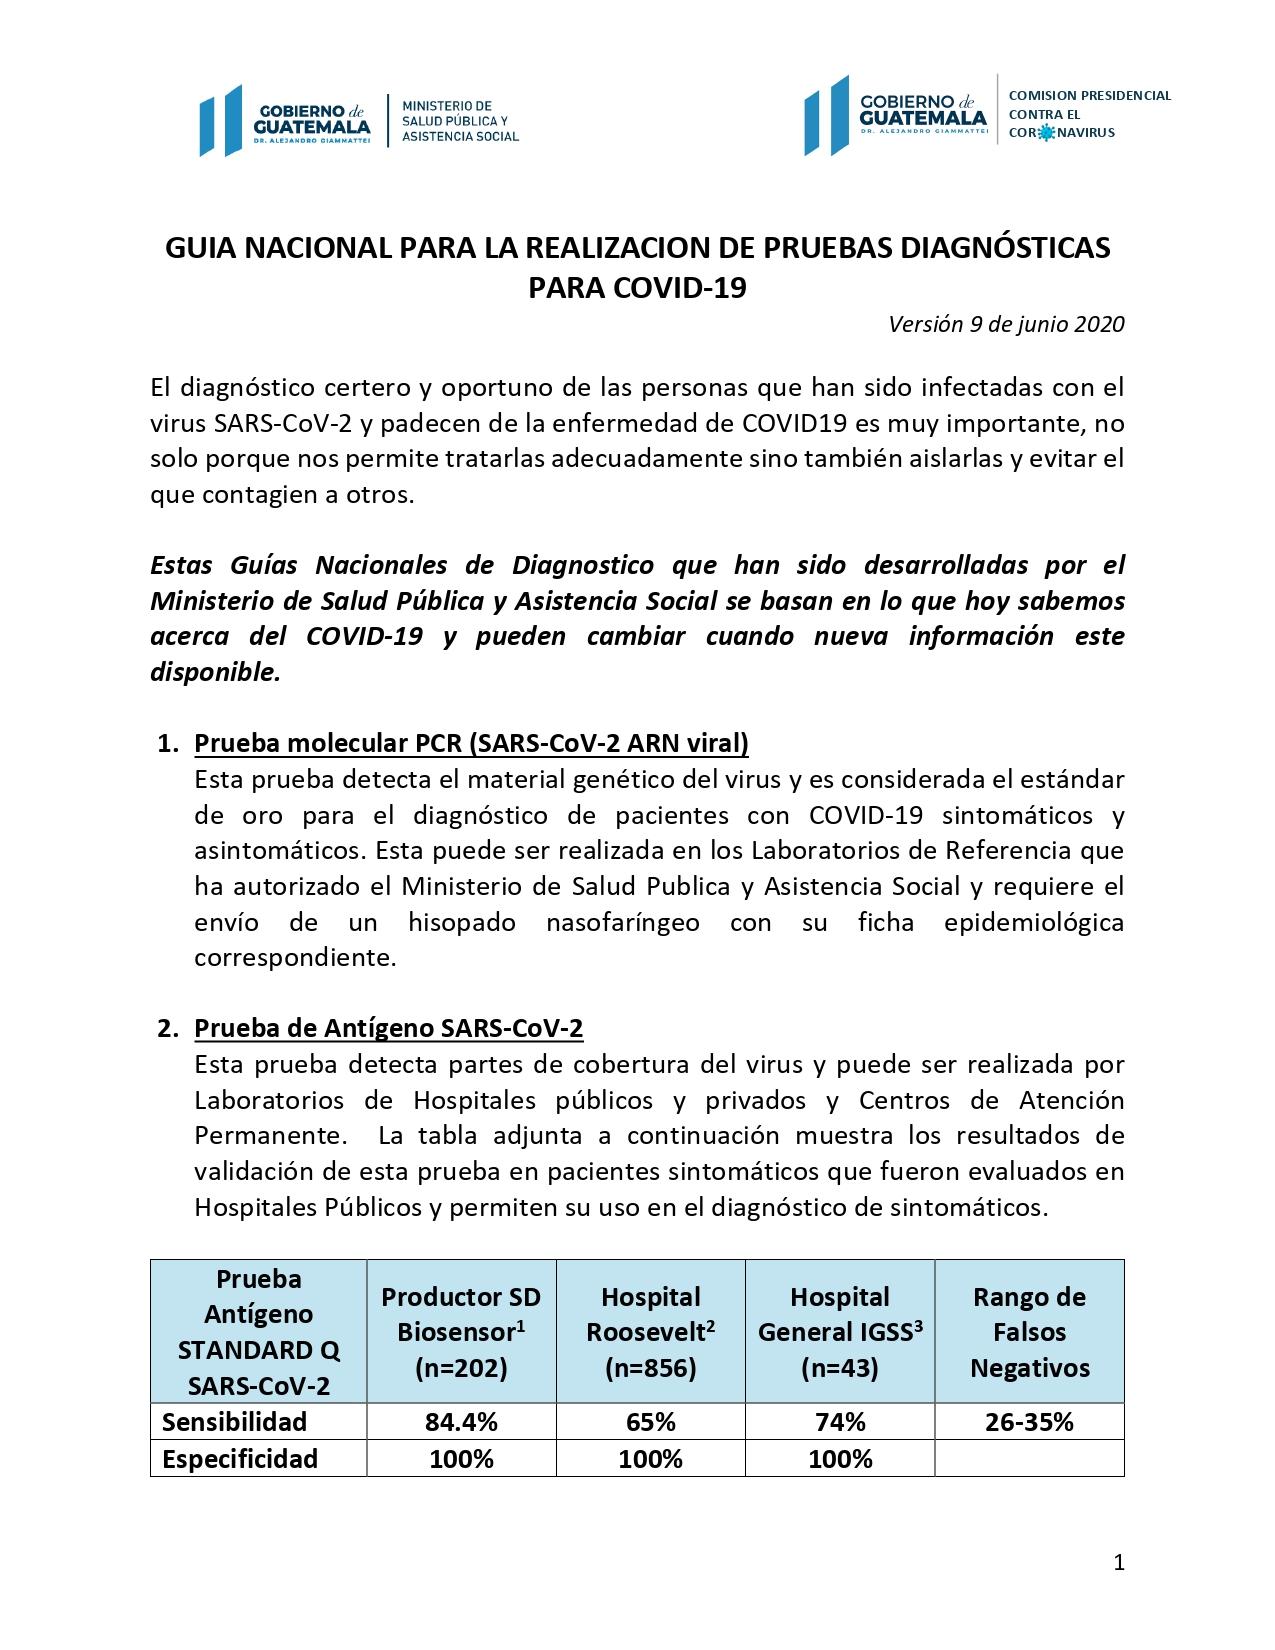 Guia_Nacional_para_la_realizacion_de_pruebas_diagnosticas_para_COVID (1)_page-0001